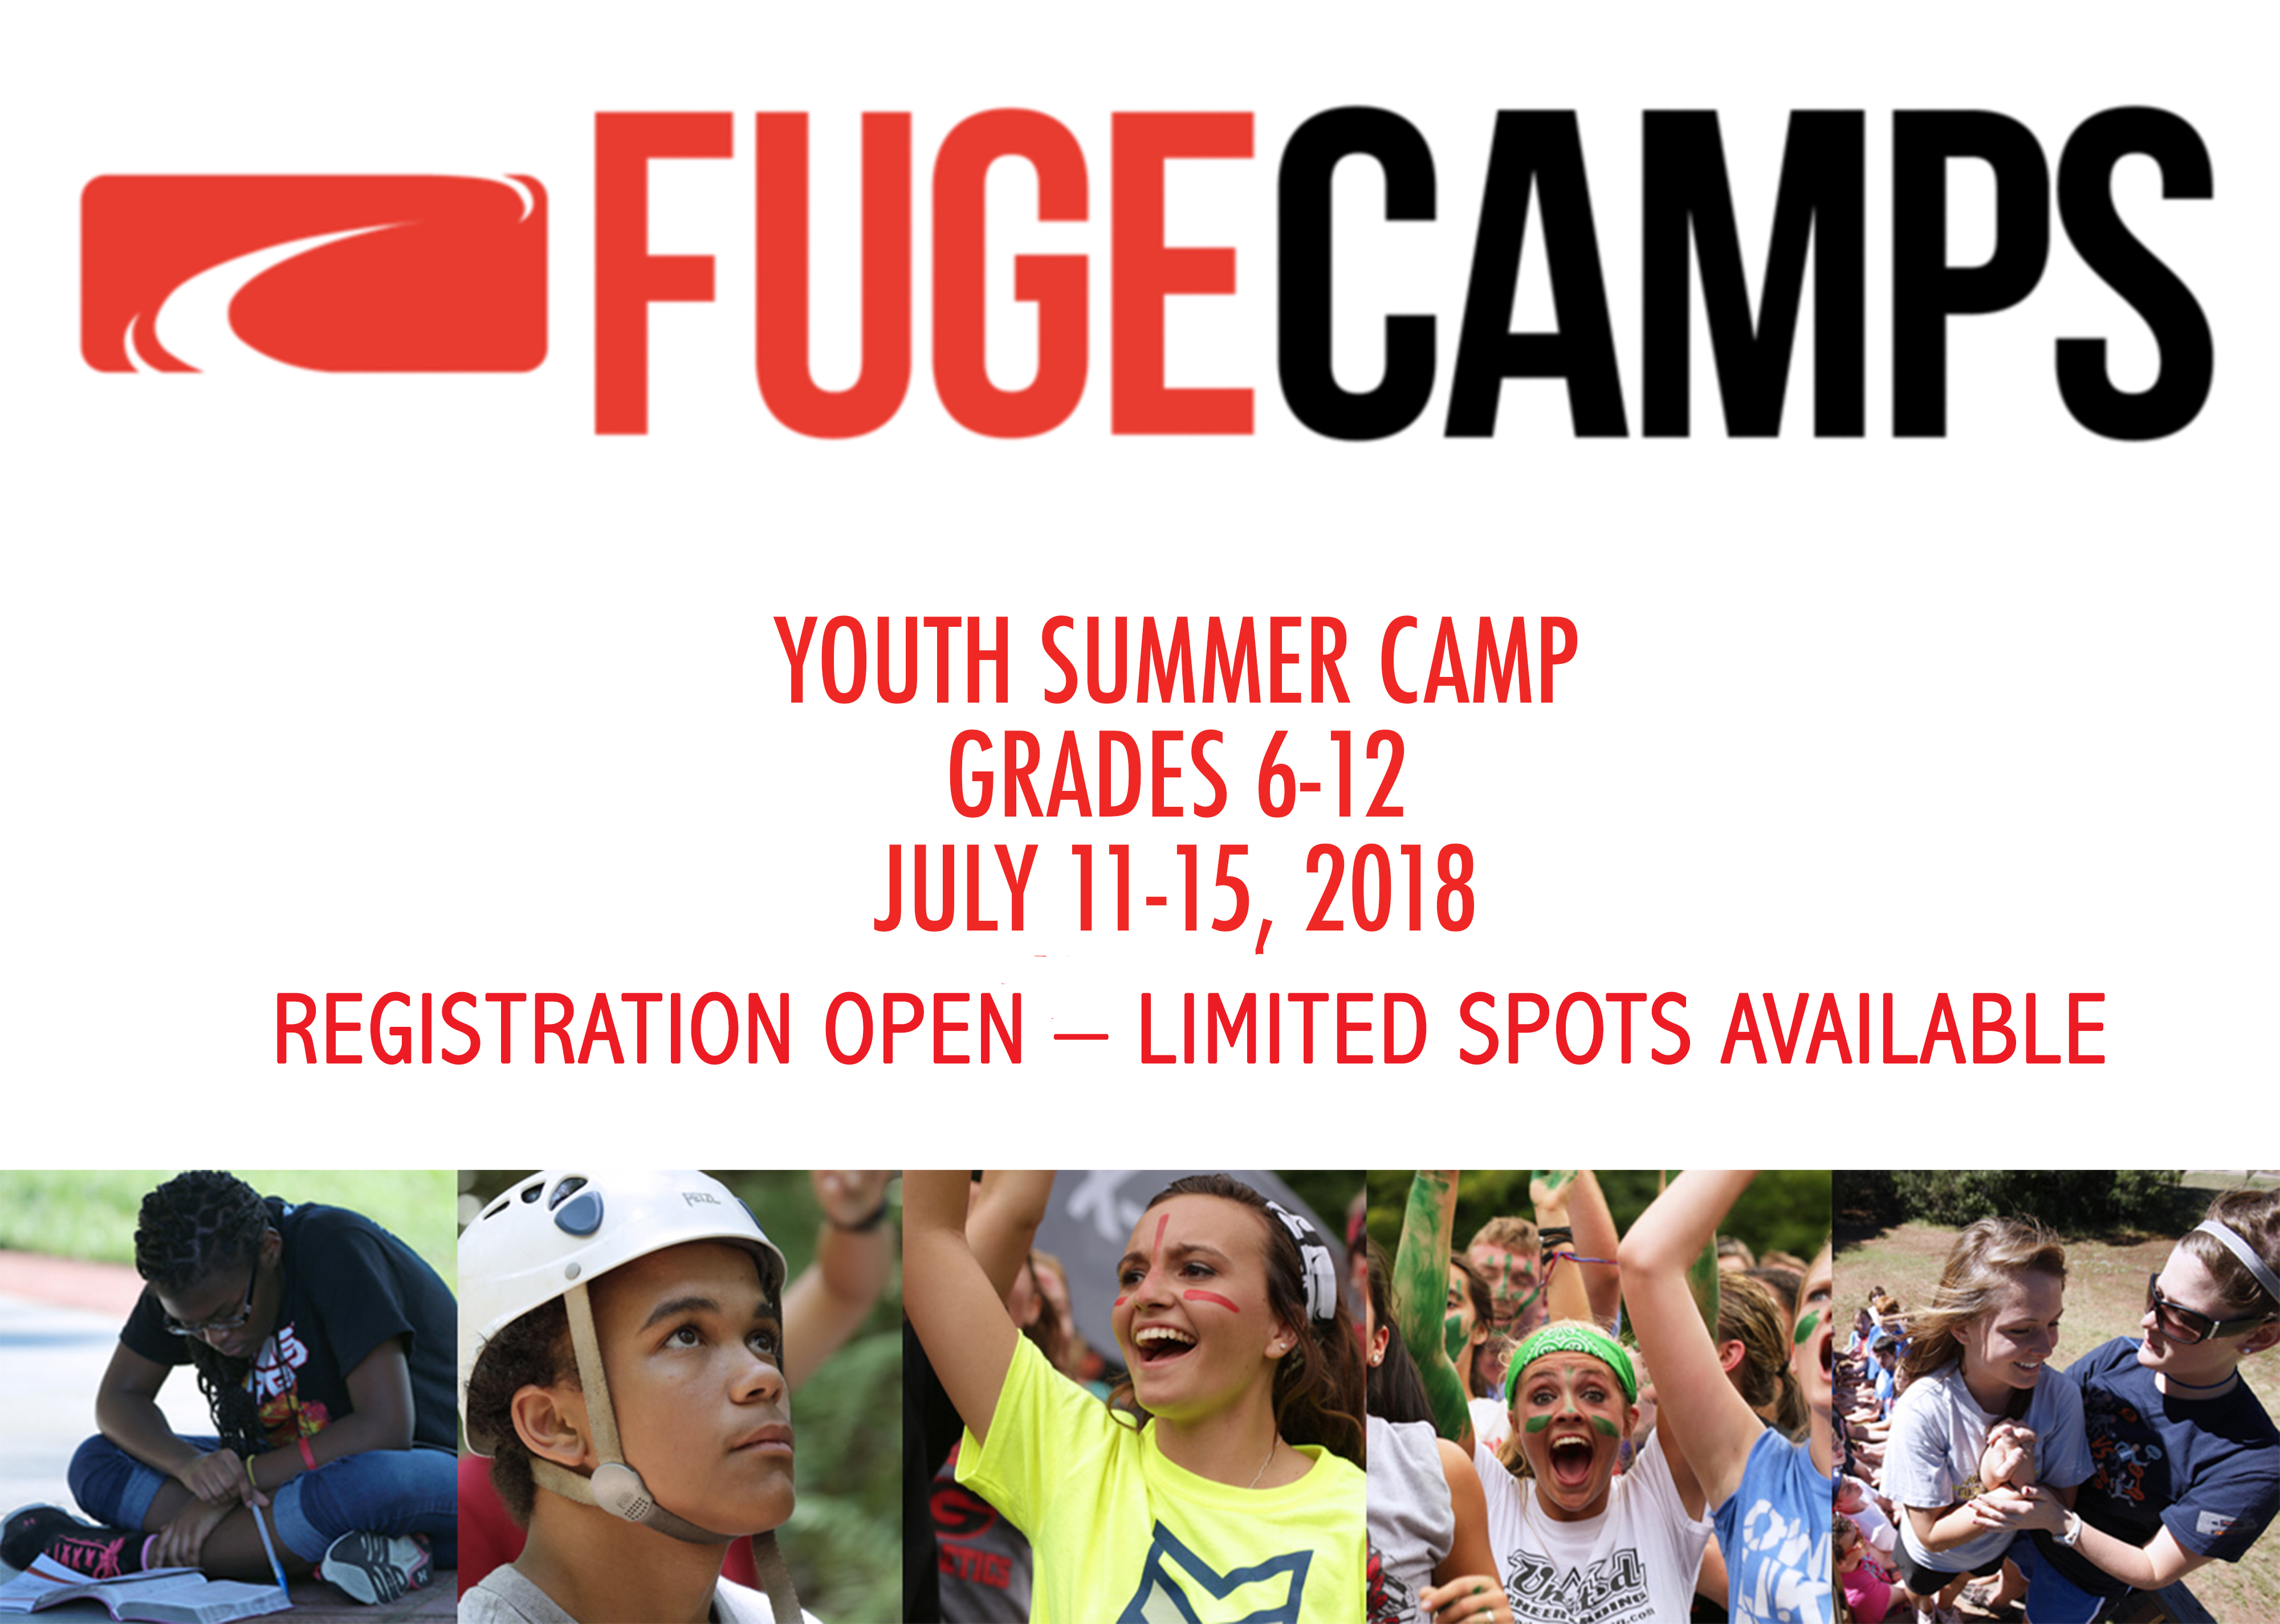 2018 fuge camp registration open